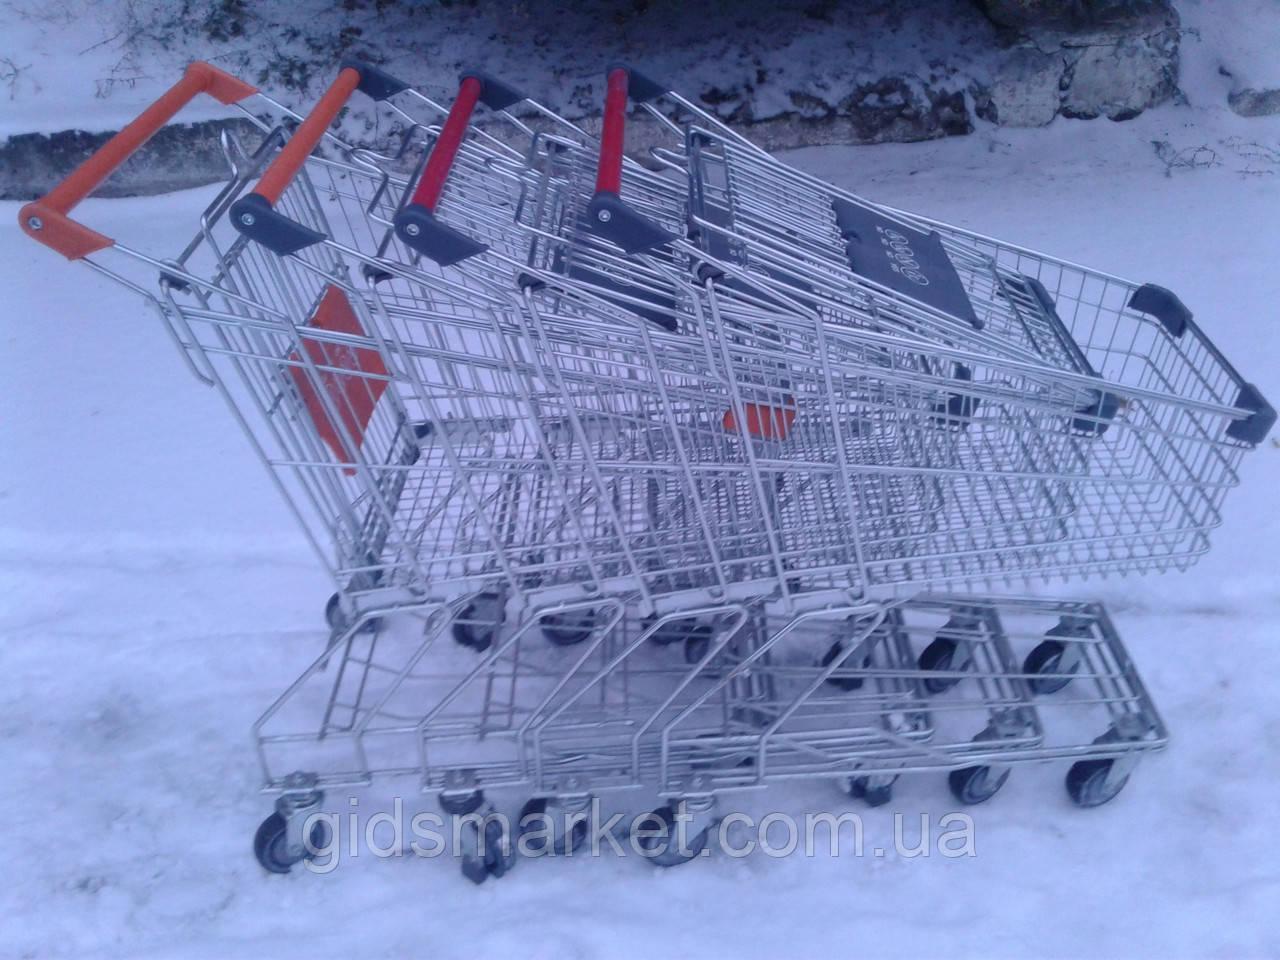 Торговые тележки 80 Л. Новые, тележки для супермаркета, тележки для покупателей.